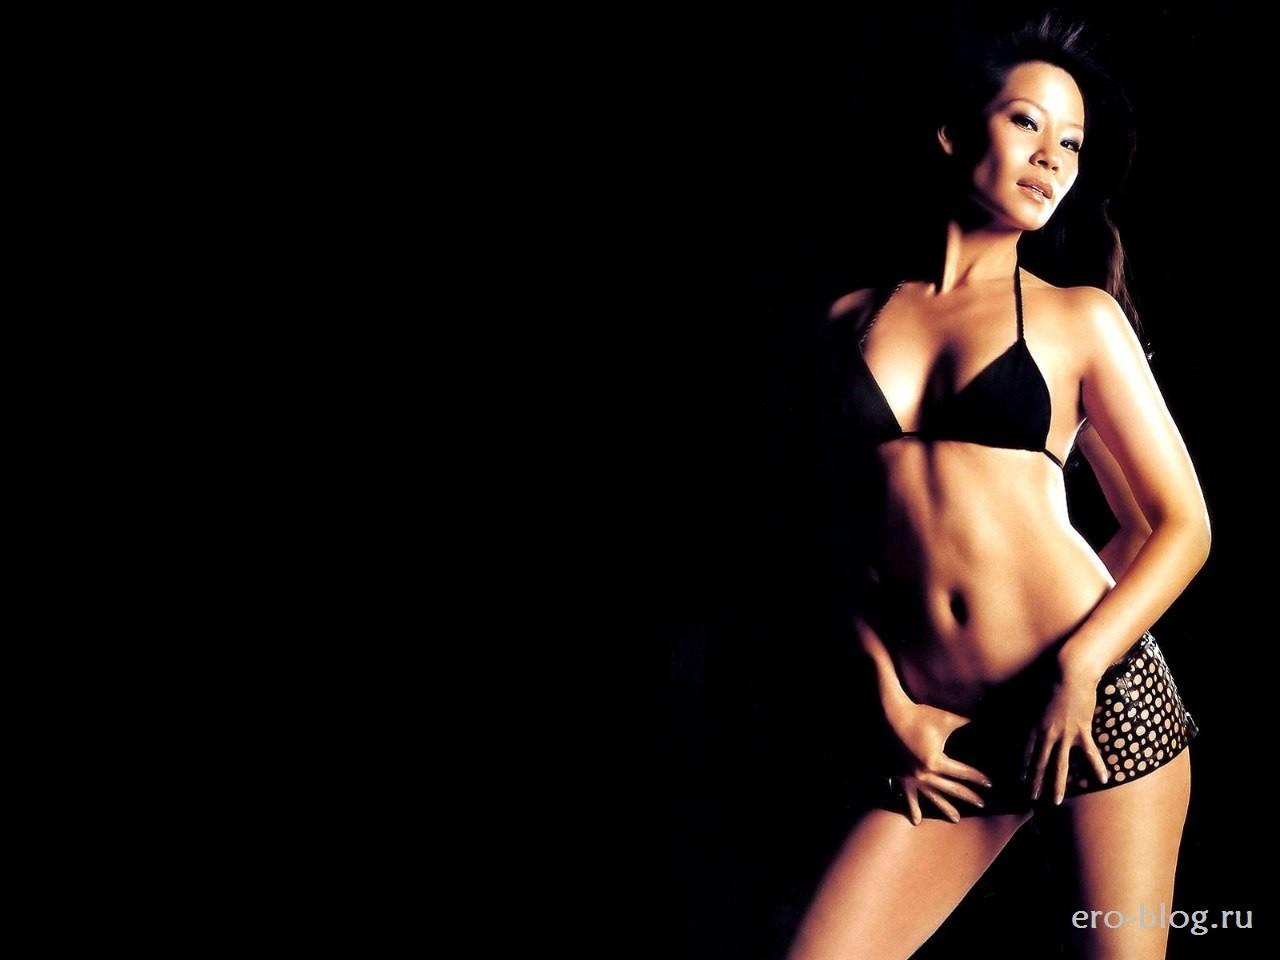 Голая обнаженная Lucy Liu | Люси Лью интимные фото звезды